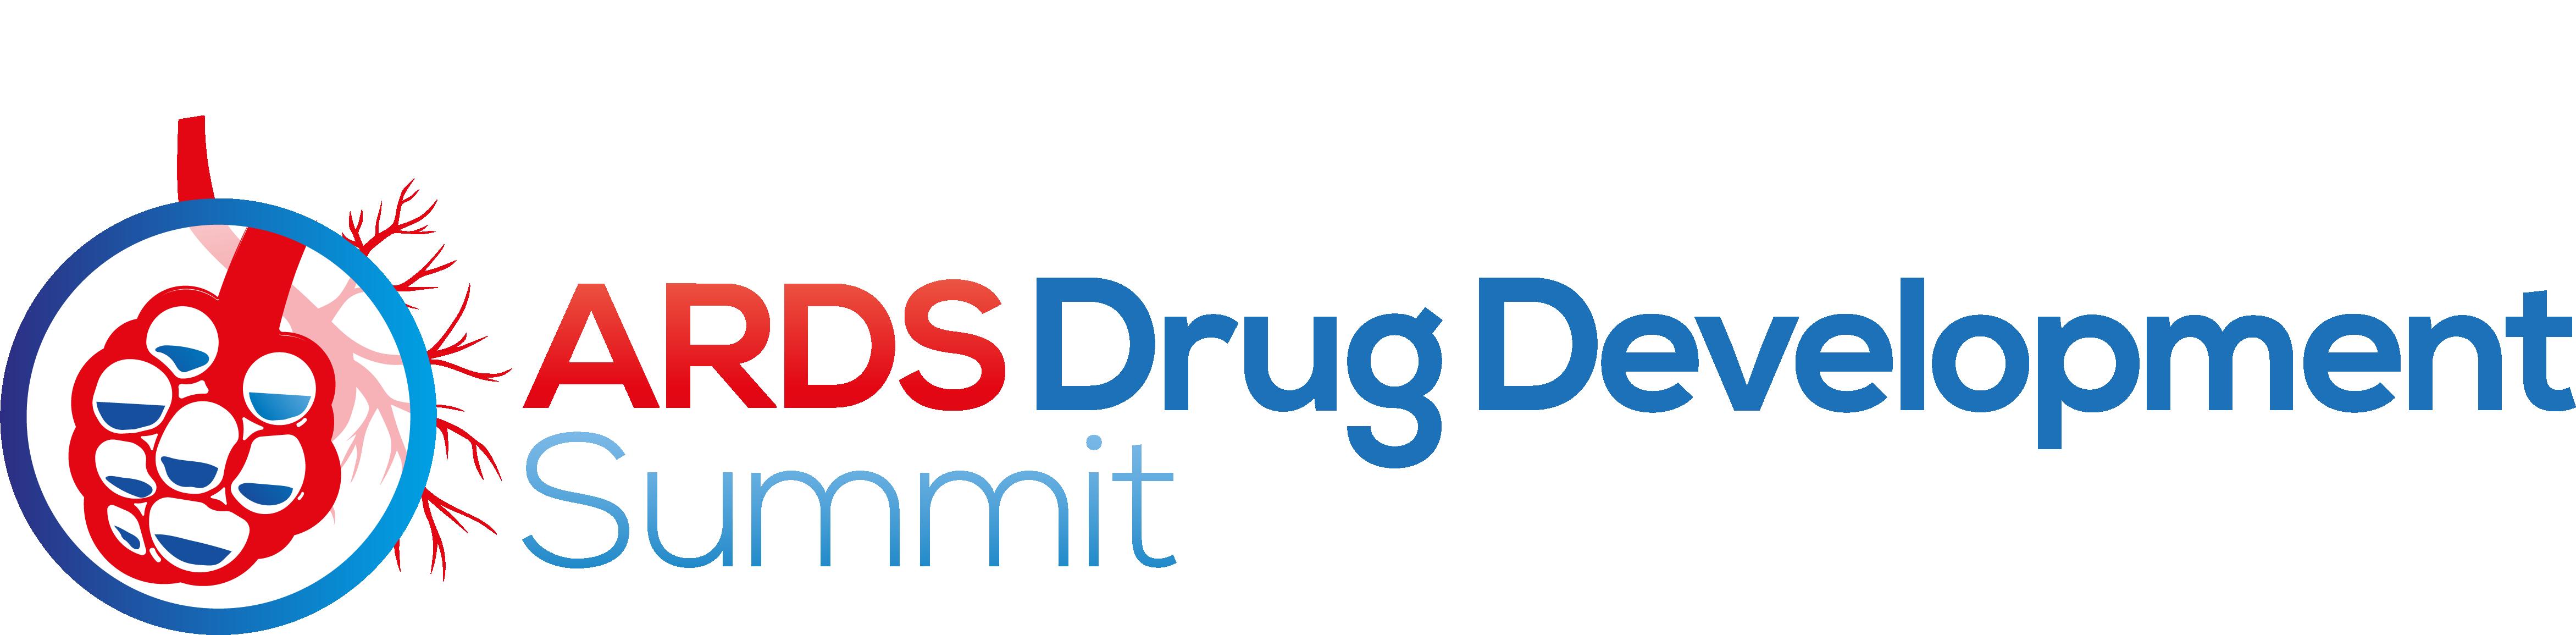 16973 - ARDS Drug Development Summit logo